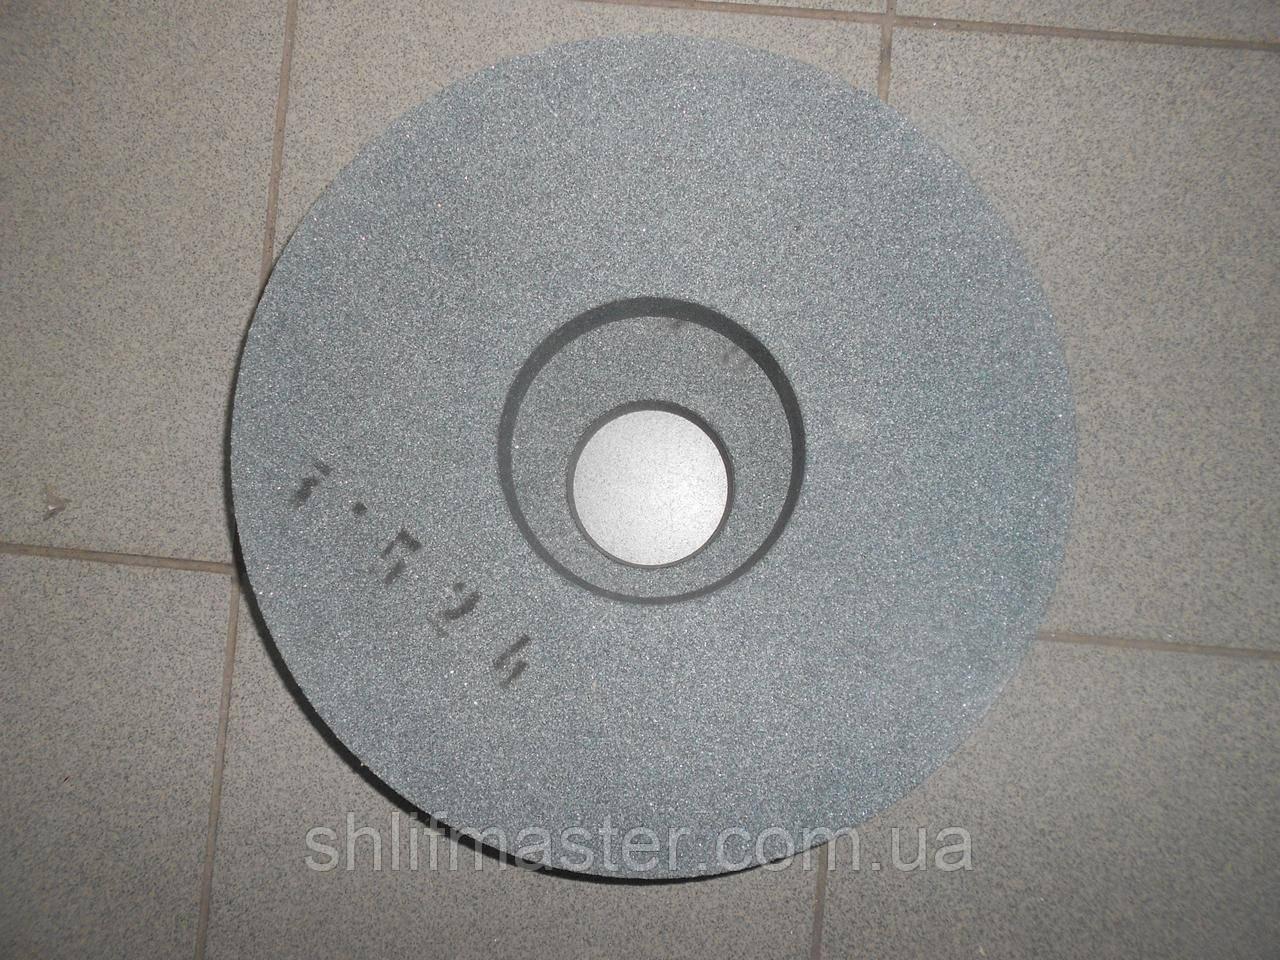 Круг абразивный шлифовальный из карбида кремния 64С (зеленый) 300х10х127 10 СМ-12 С1